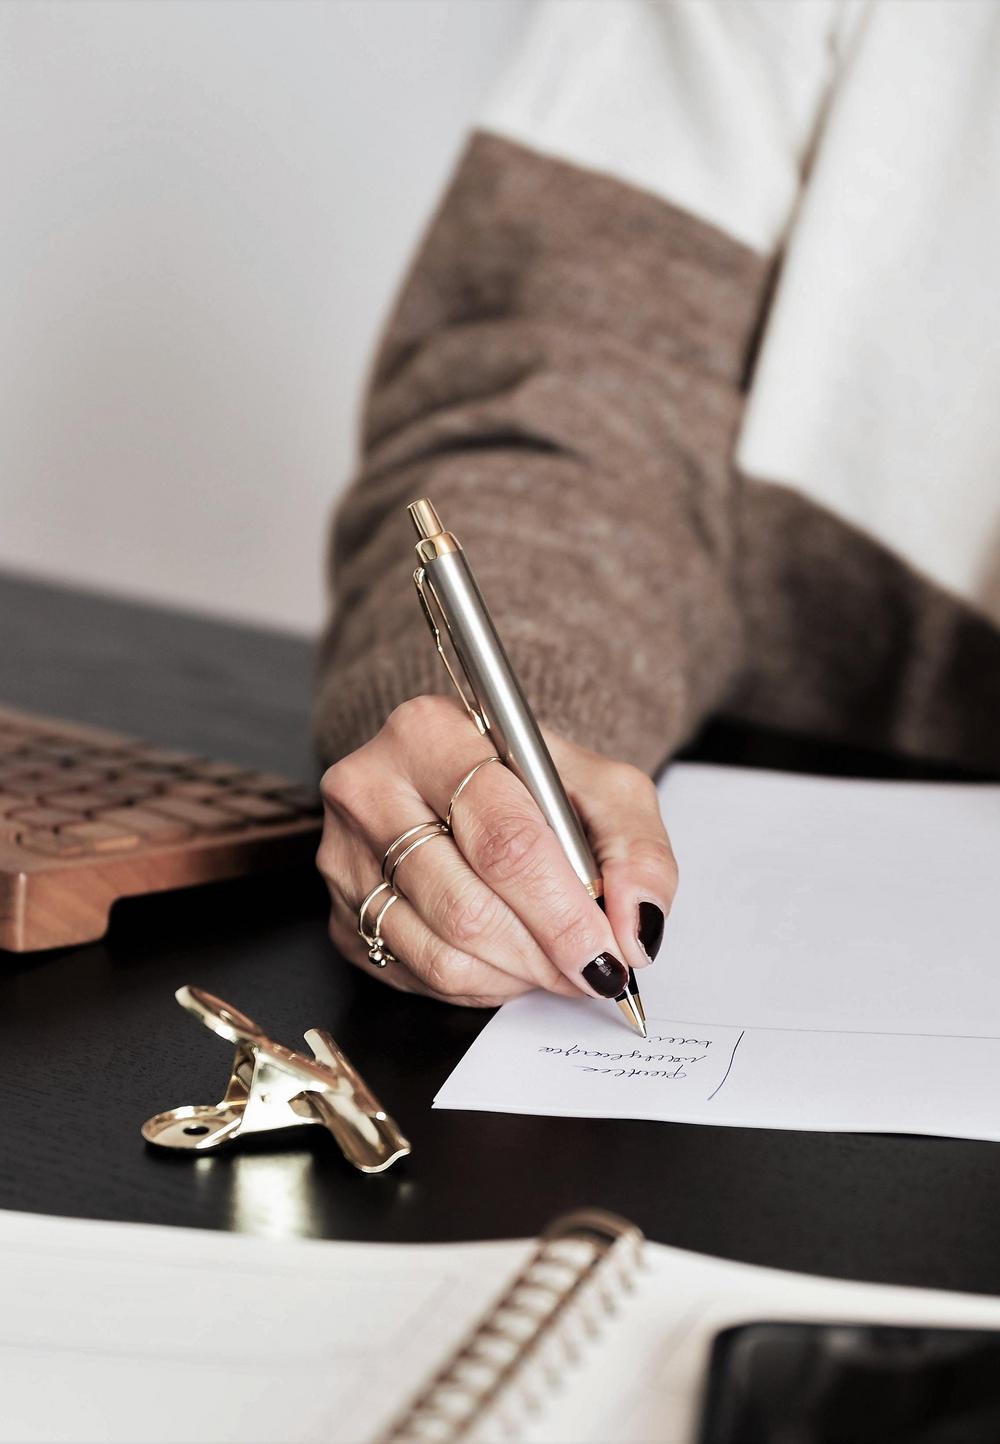 Naisen käsi kirjoittaa mustekynällä paperille, pöydällä näkyy osittain myös kalenteri, näppäimistö ja puhelin.